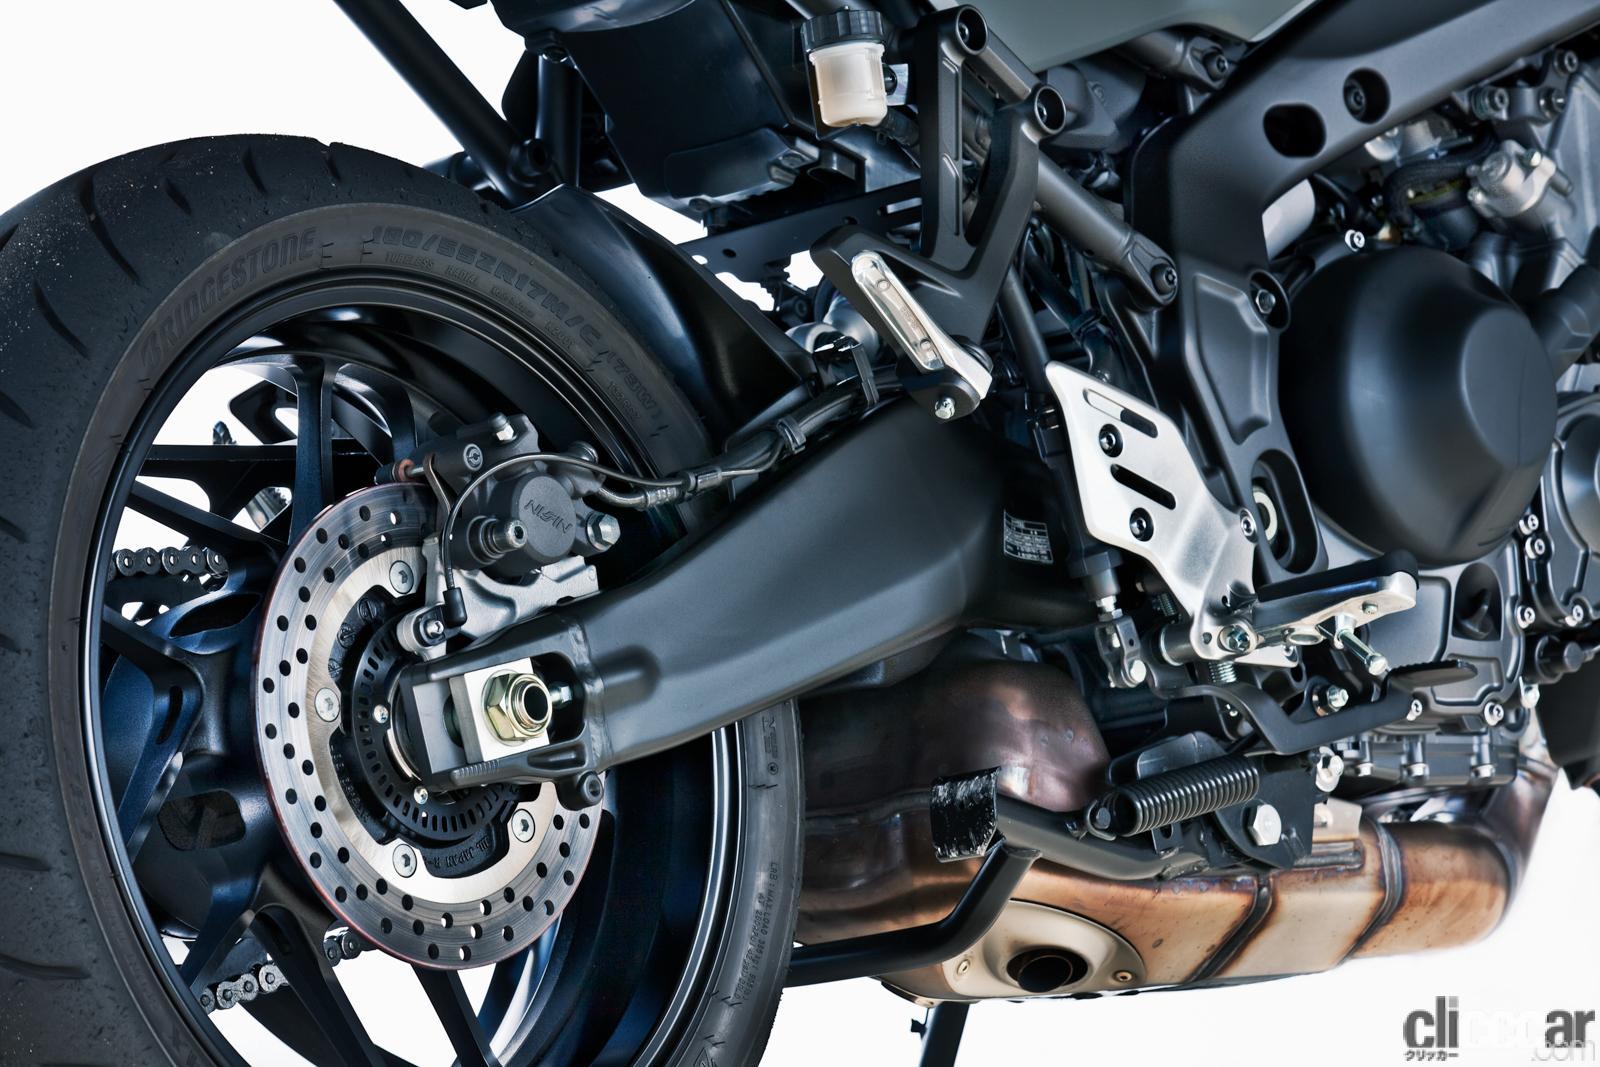 「何キロでも走れる超快適仕様! ヤマハTRACER9 GT ABSは電子制御の恩恵をフルに体感できる高性能スポーツツアラー」の11枚目の画像